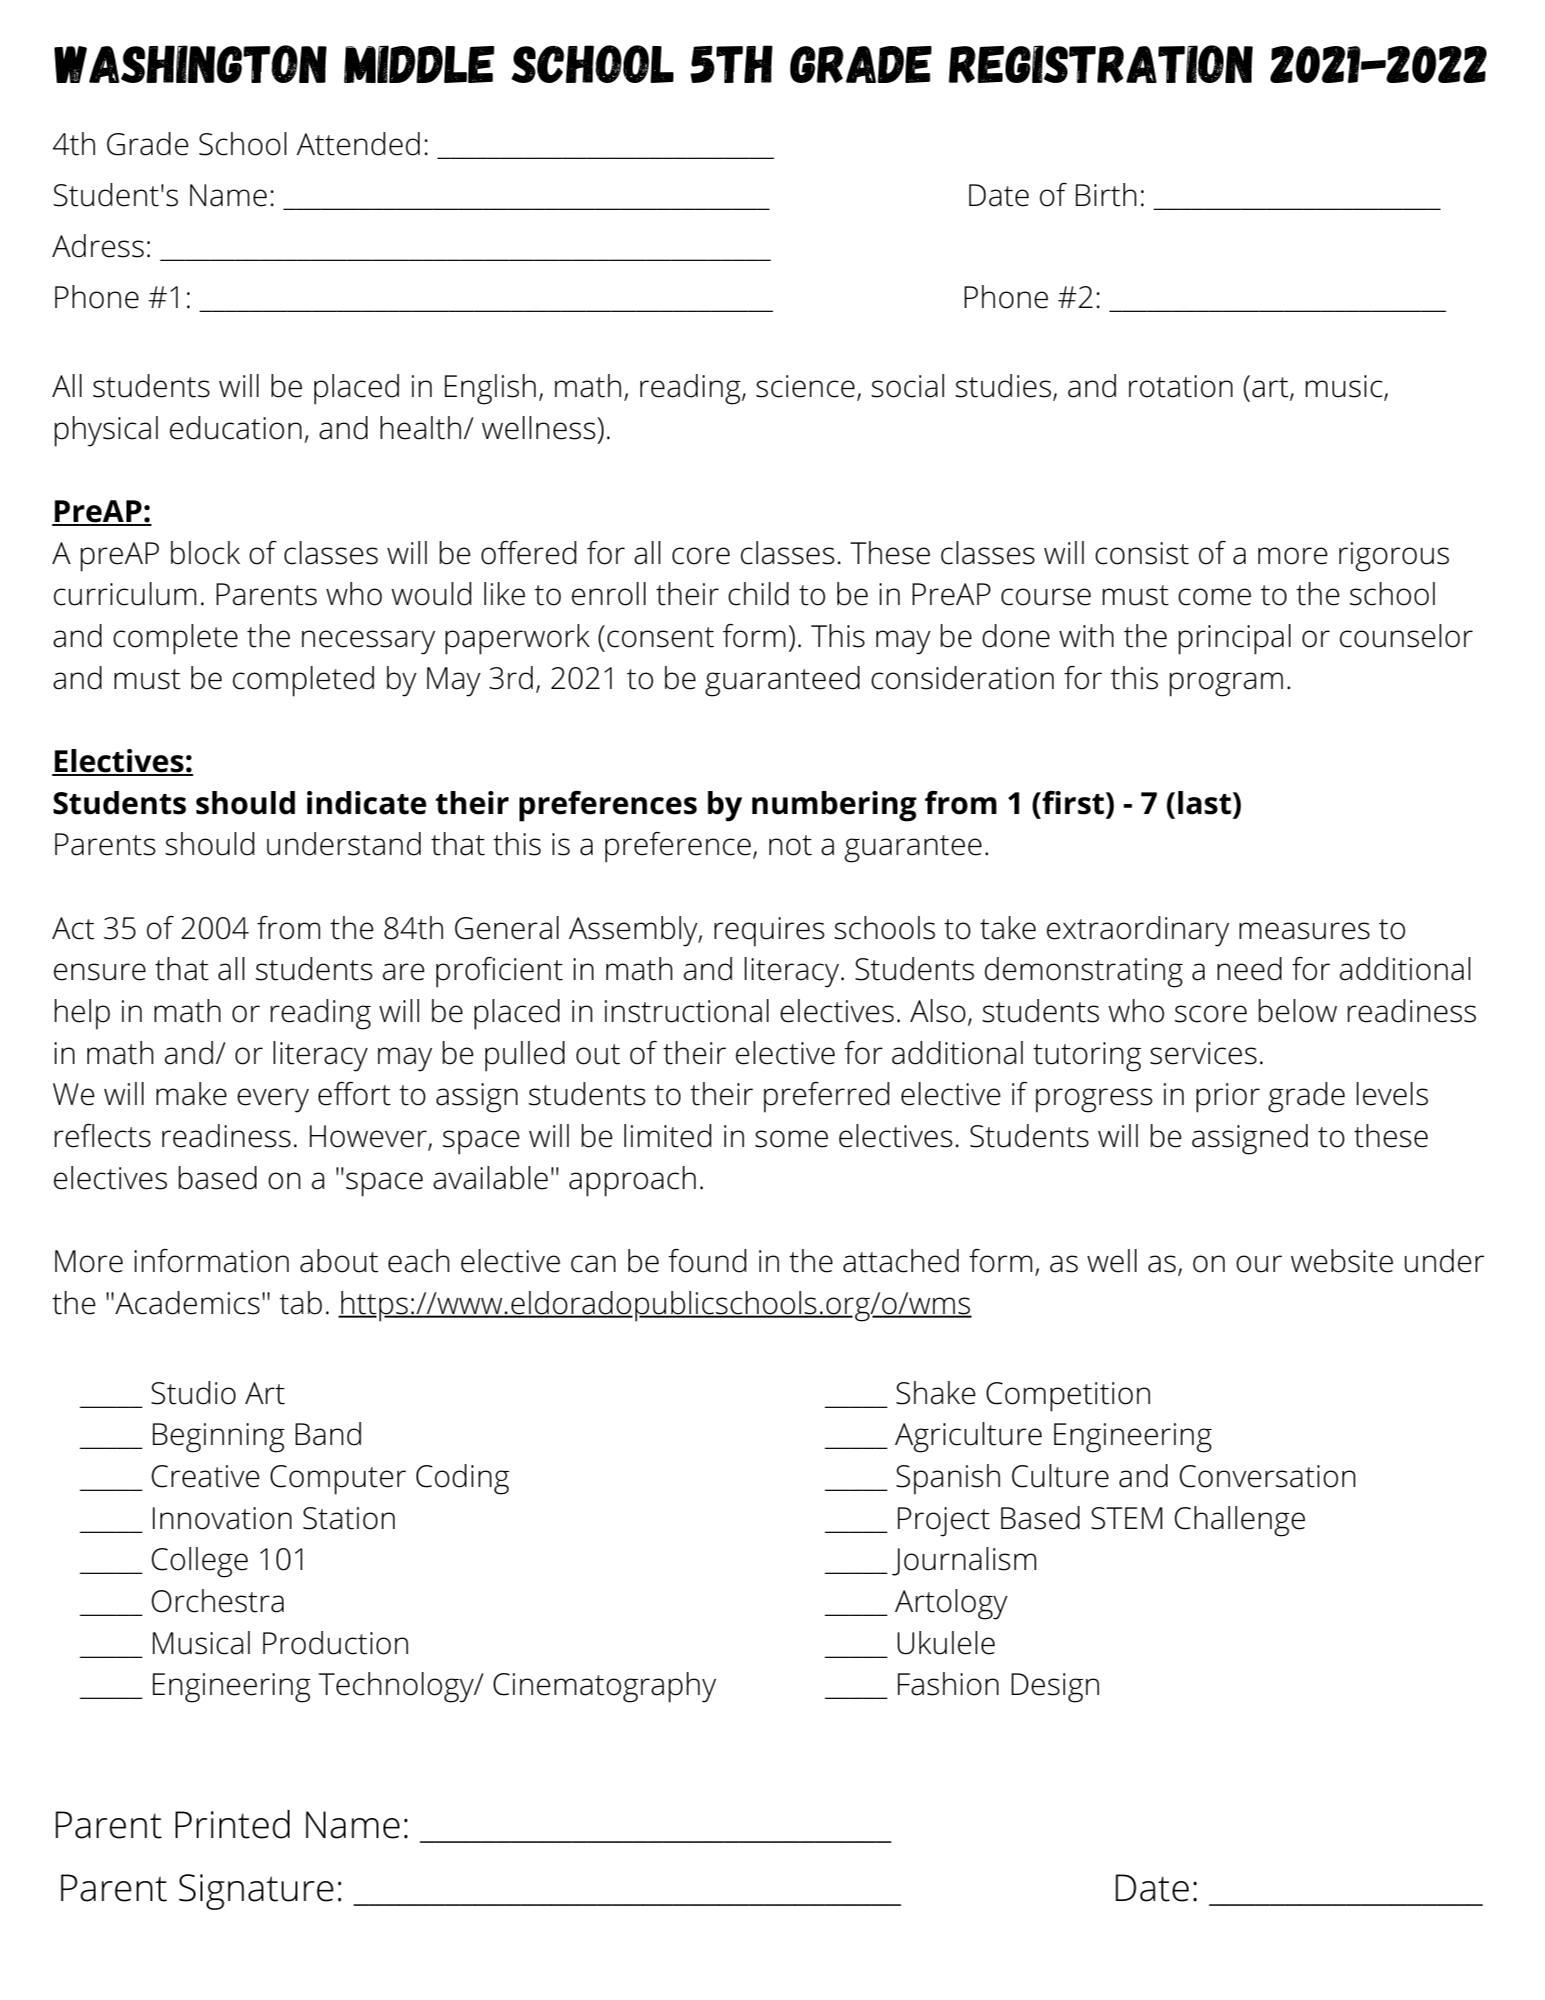 5th Grade Registration Form